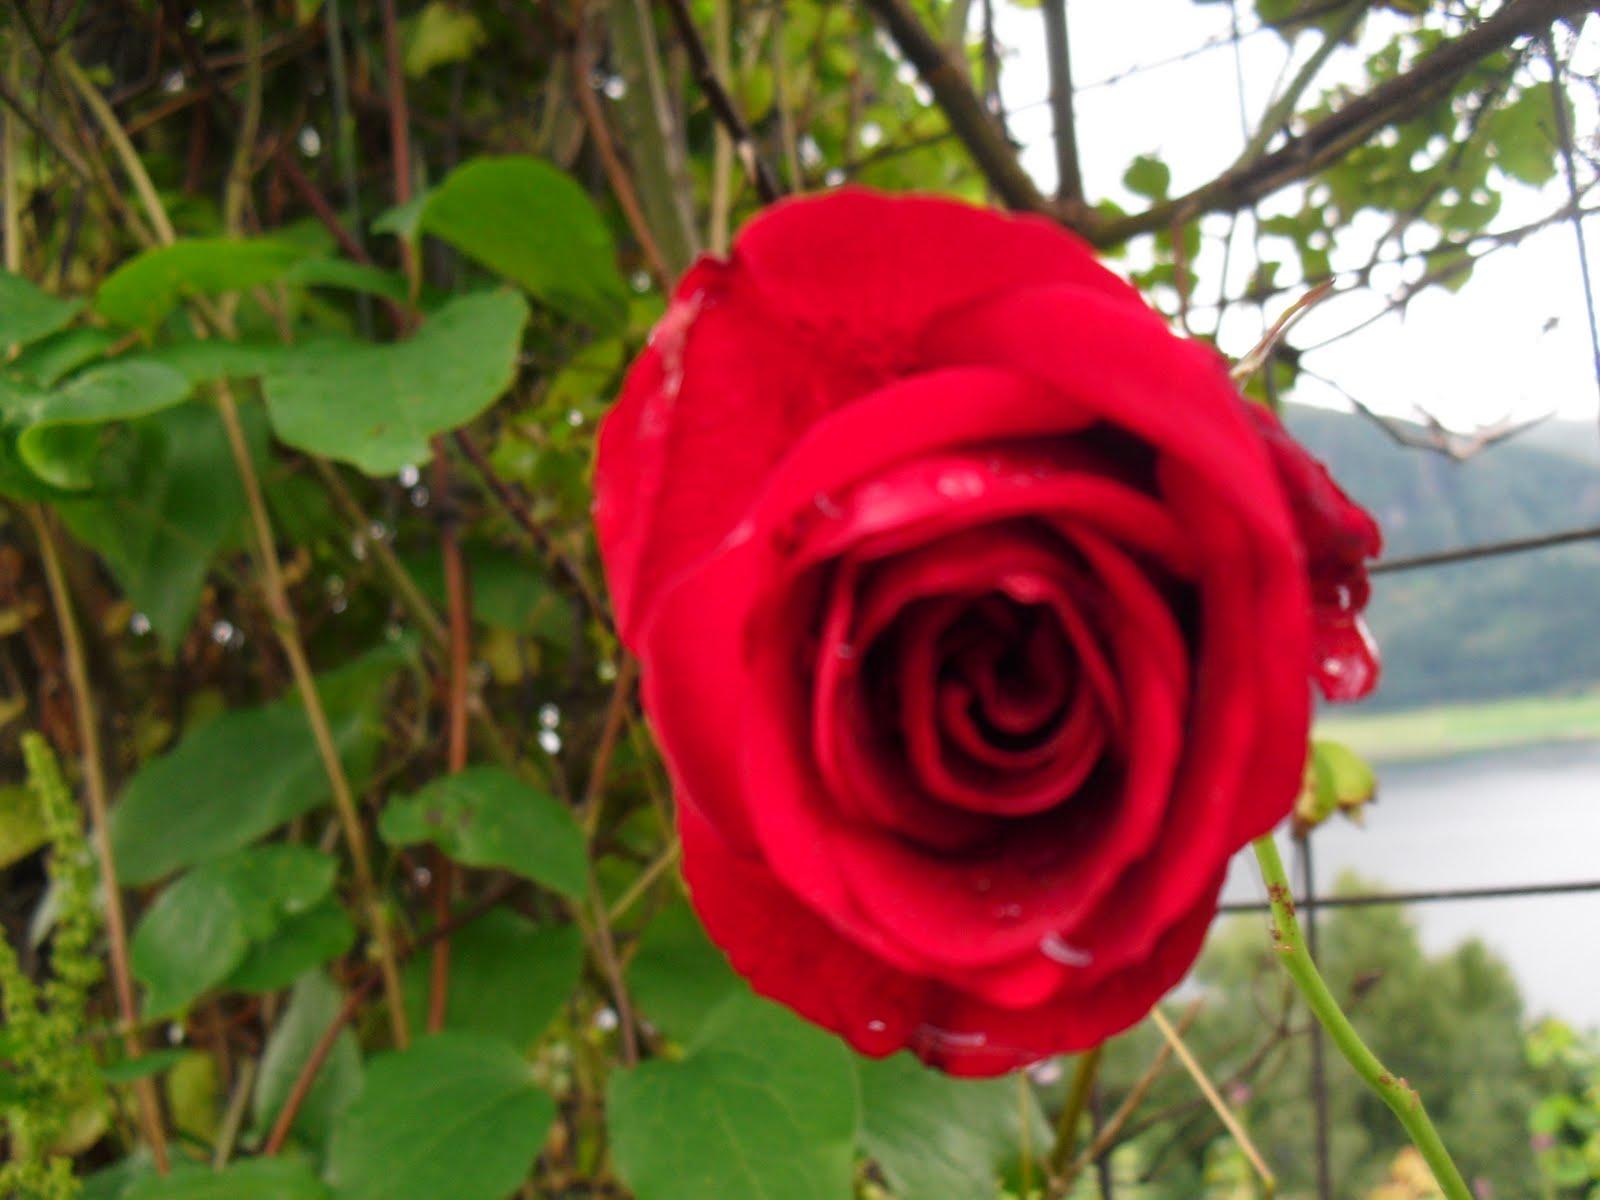 http://2.bp.blogspot.com/_ZGAH9dSpC5M/TFqOZvCTJRI/AAAAAAAABsA/z5u0qjo3RiQ/s1600/Blomstring+31.+Juli+2010+071.JPG